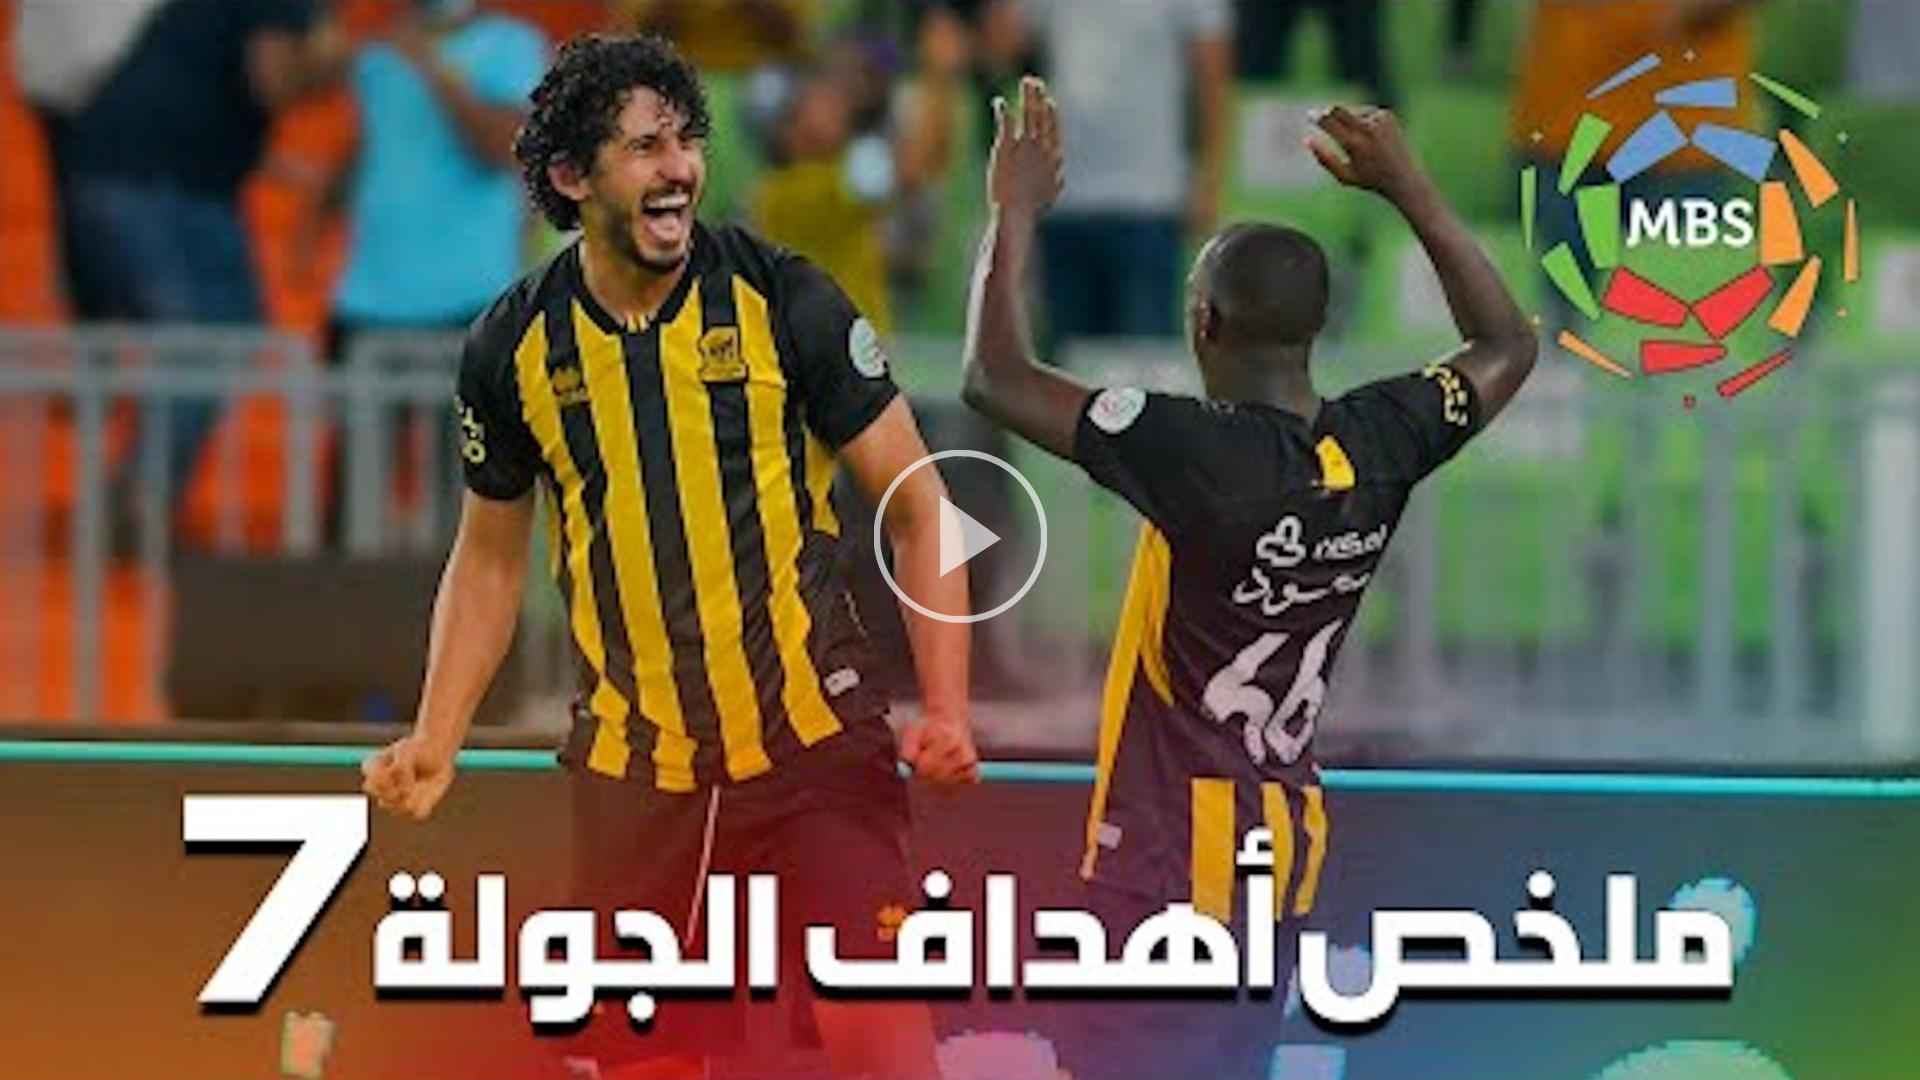 بالفيديو...ملخص أهداف الجولة 7 من الدوري السعودي للمحترفين